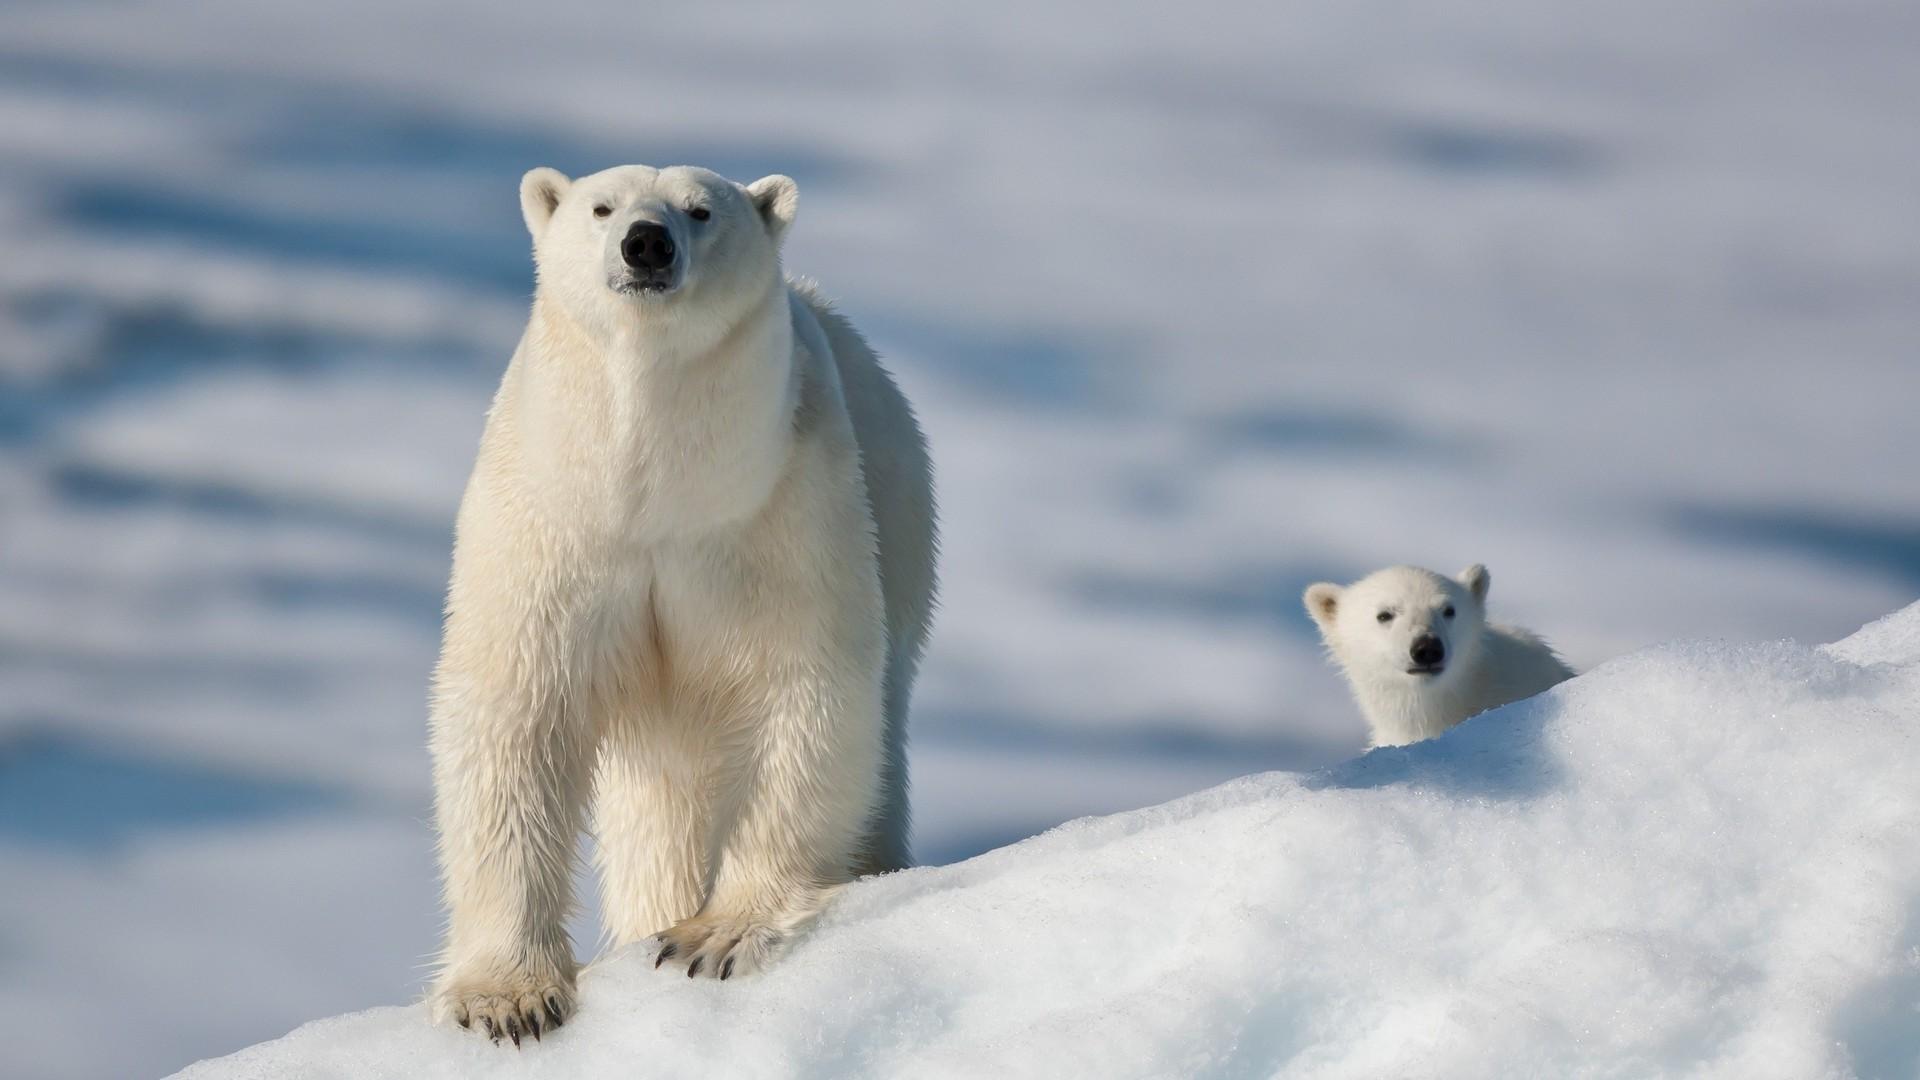 зевок белого медведя бесплатно